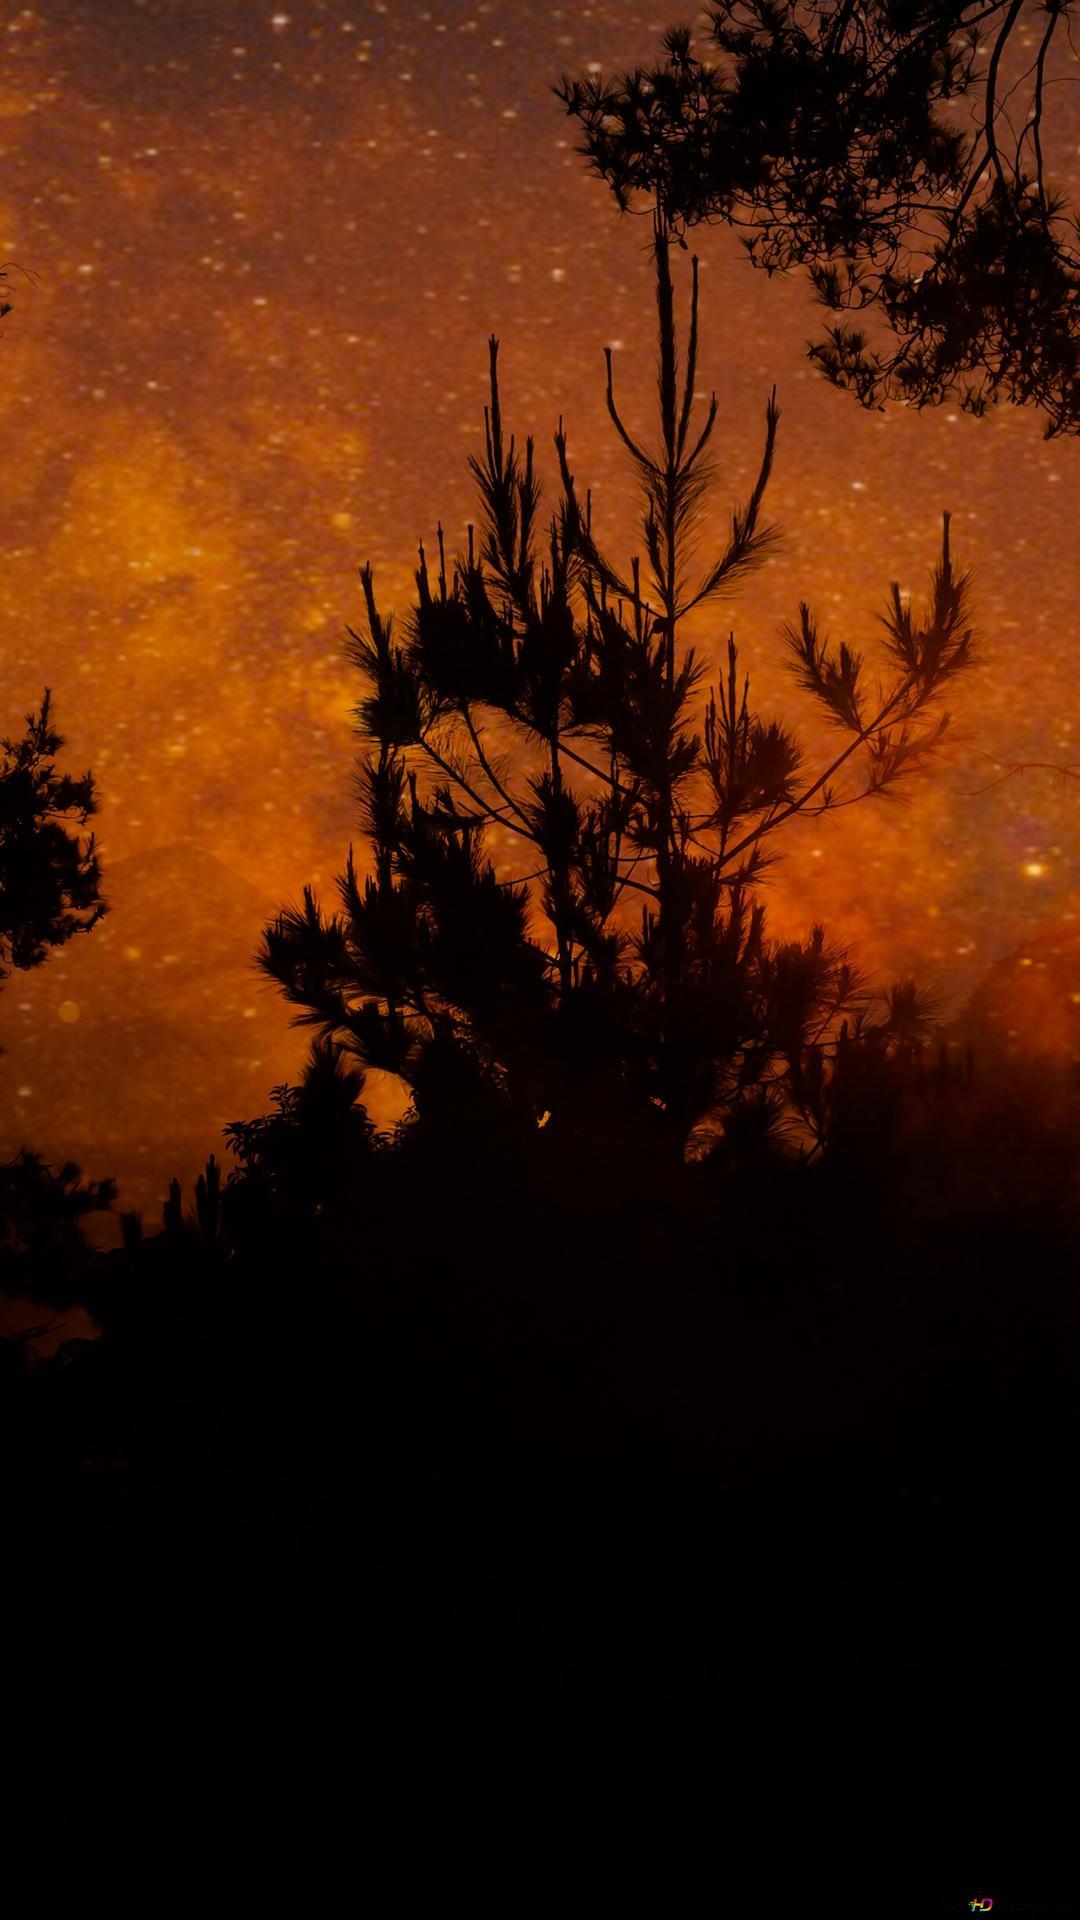 森のシルエット Hd壁紙のダウンロード